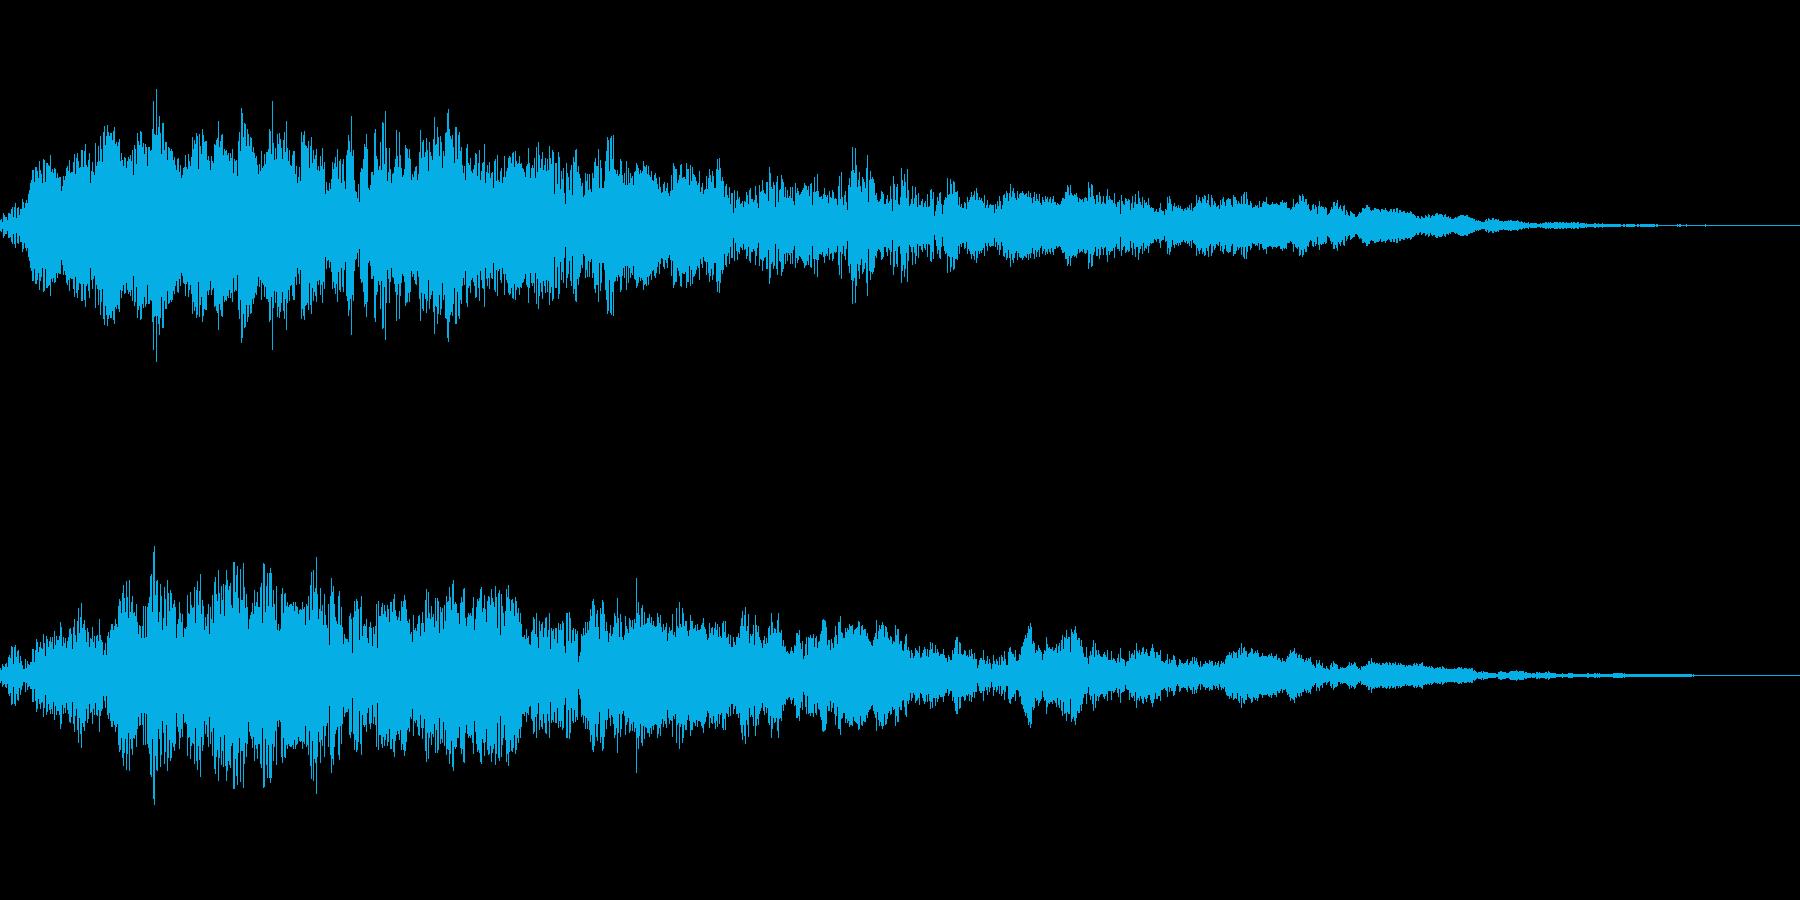 恐怖な回想シーンで使うフィードバック音の再生済みの波形